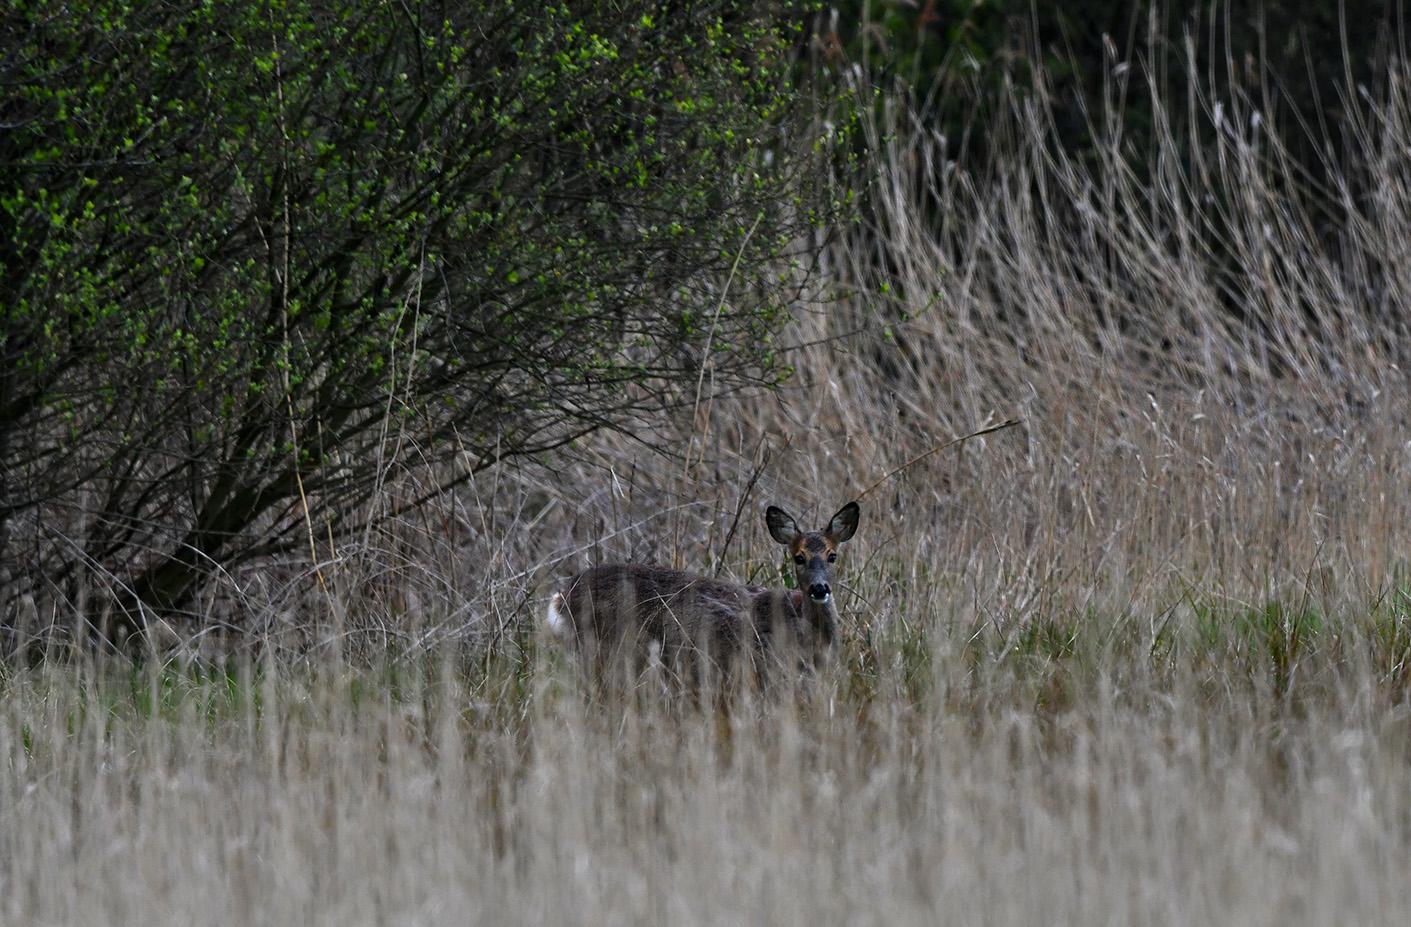 Na een lange wachttijd verschijnt er een reegeit aan de rand van het veld – Foto: ©Louis Fraanje